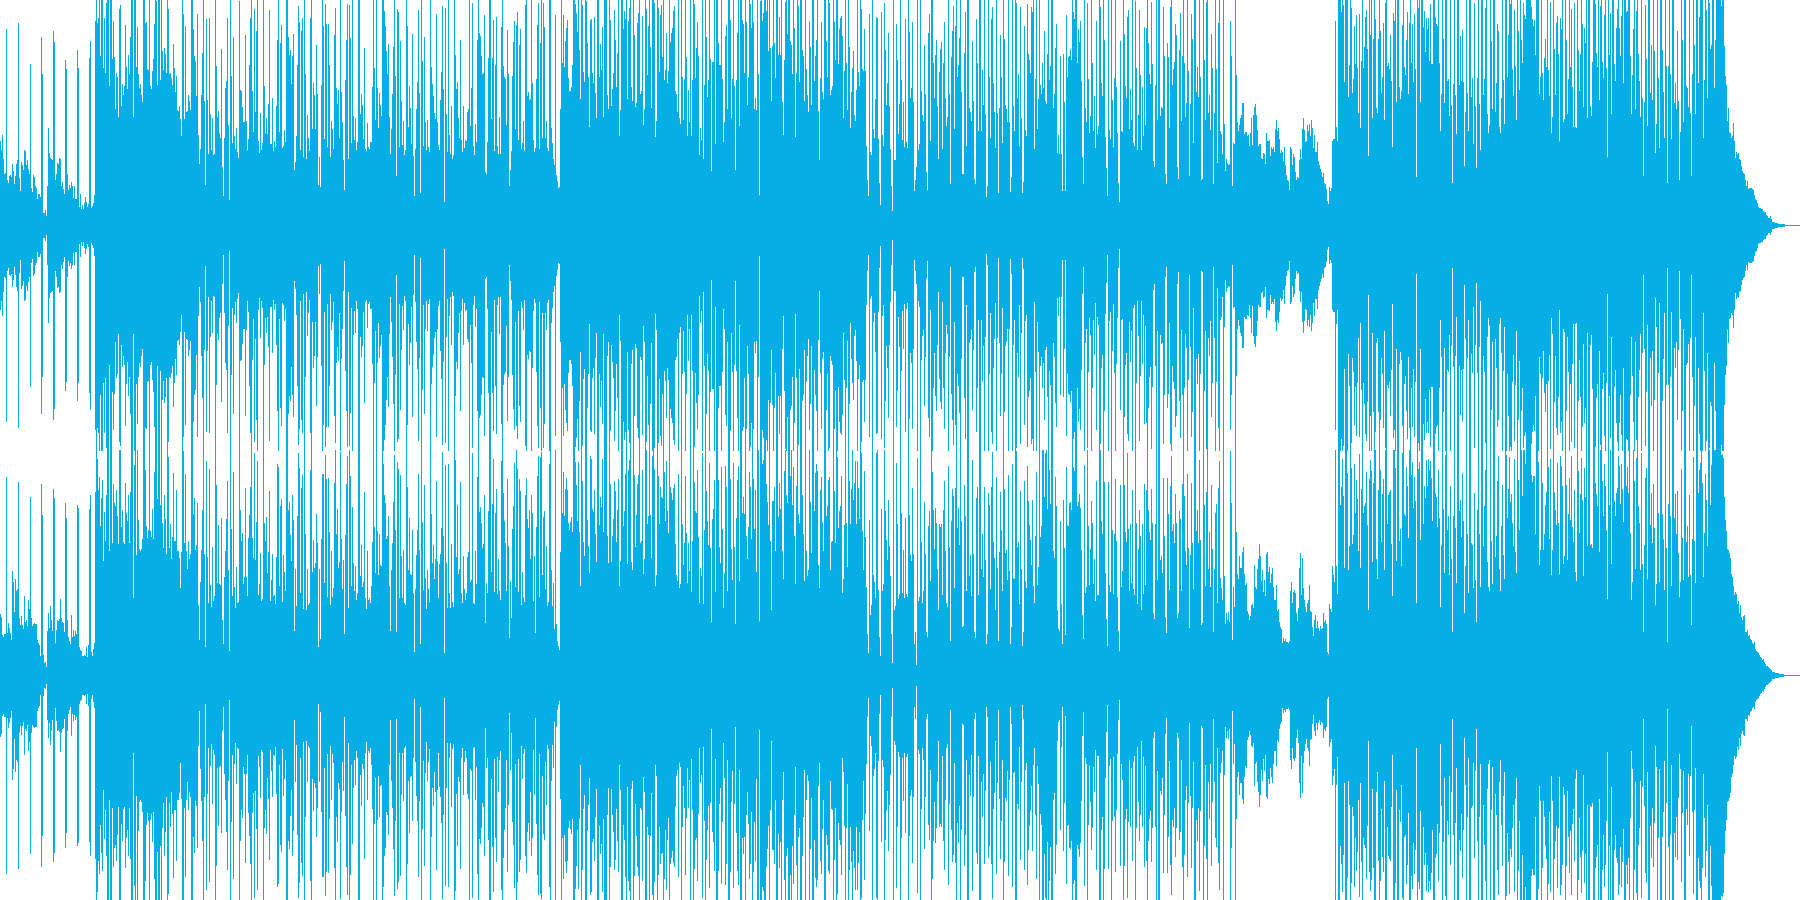 オシャレR&B・後半リズム変化・シンセ有の再生済みの波形